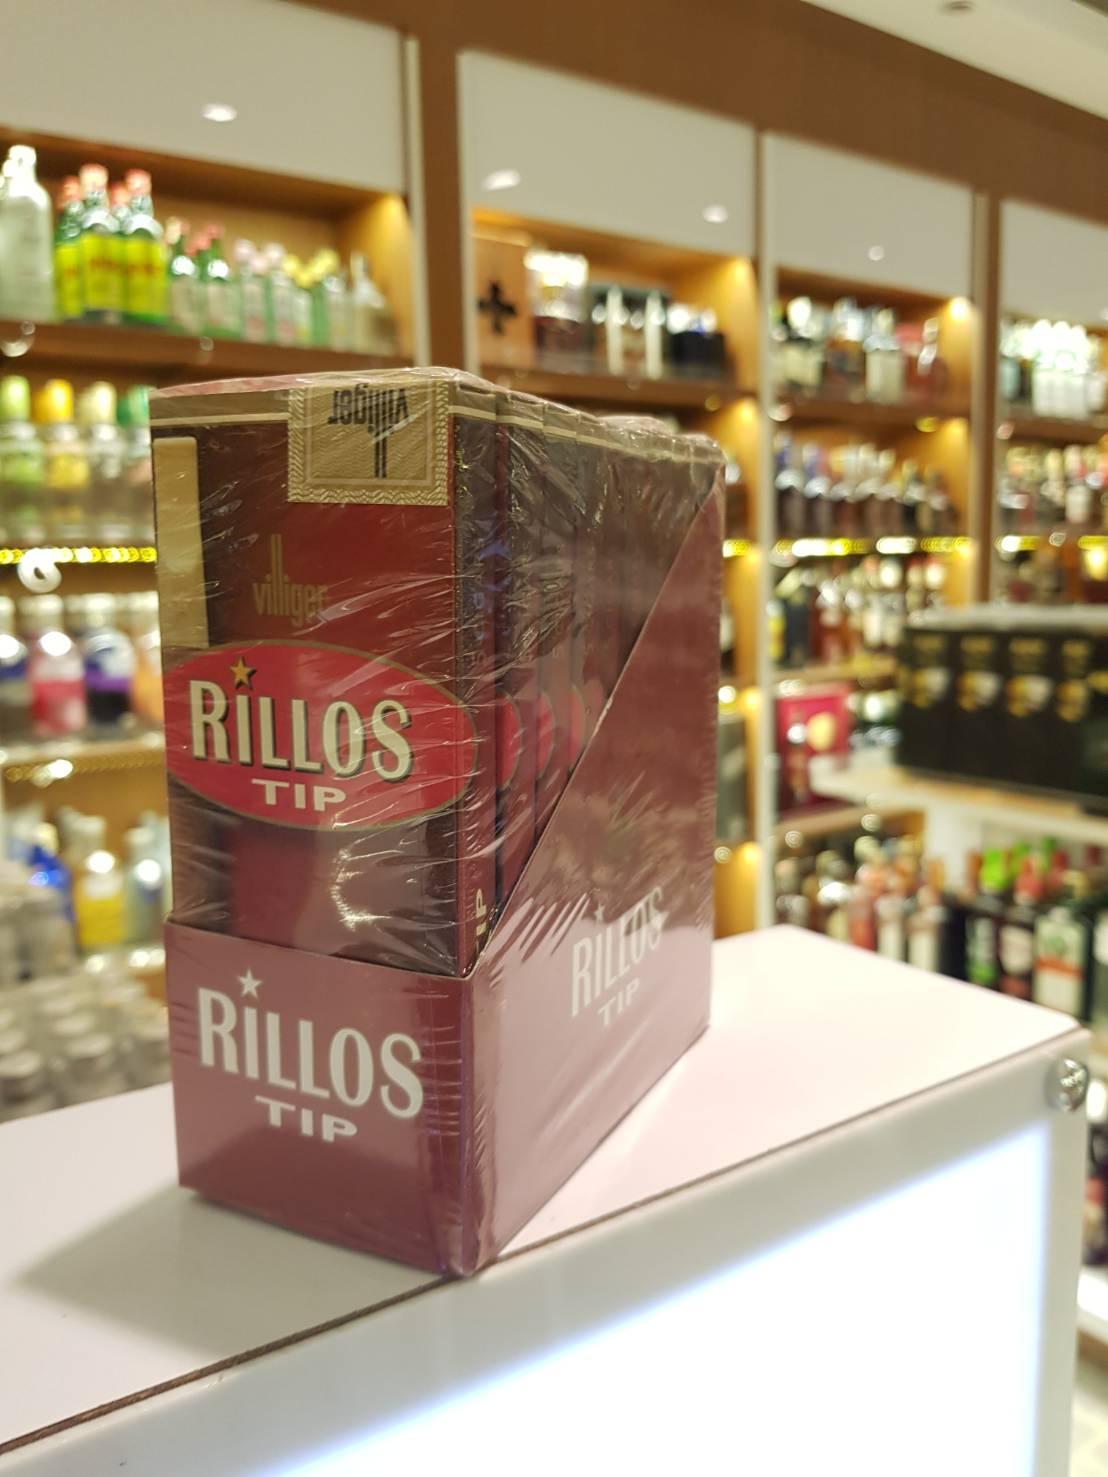 Villiger Rillos Tip Cigar